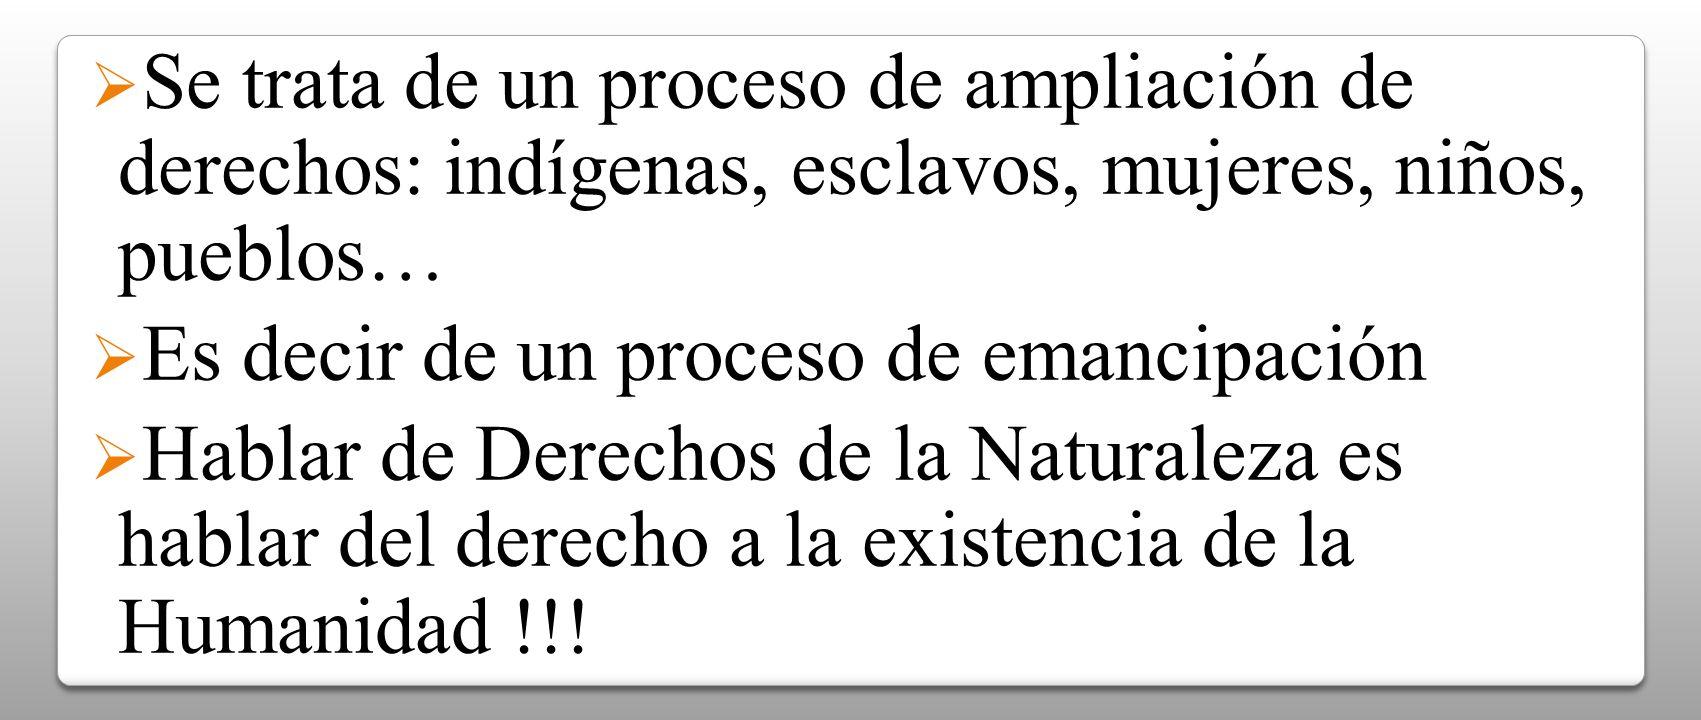 Se trata de un proceso de ampliación de derechos: indígenas, esclavos, mujeres, niños, pueblos…